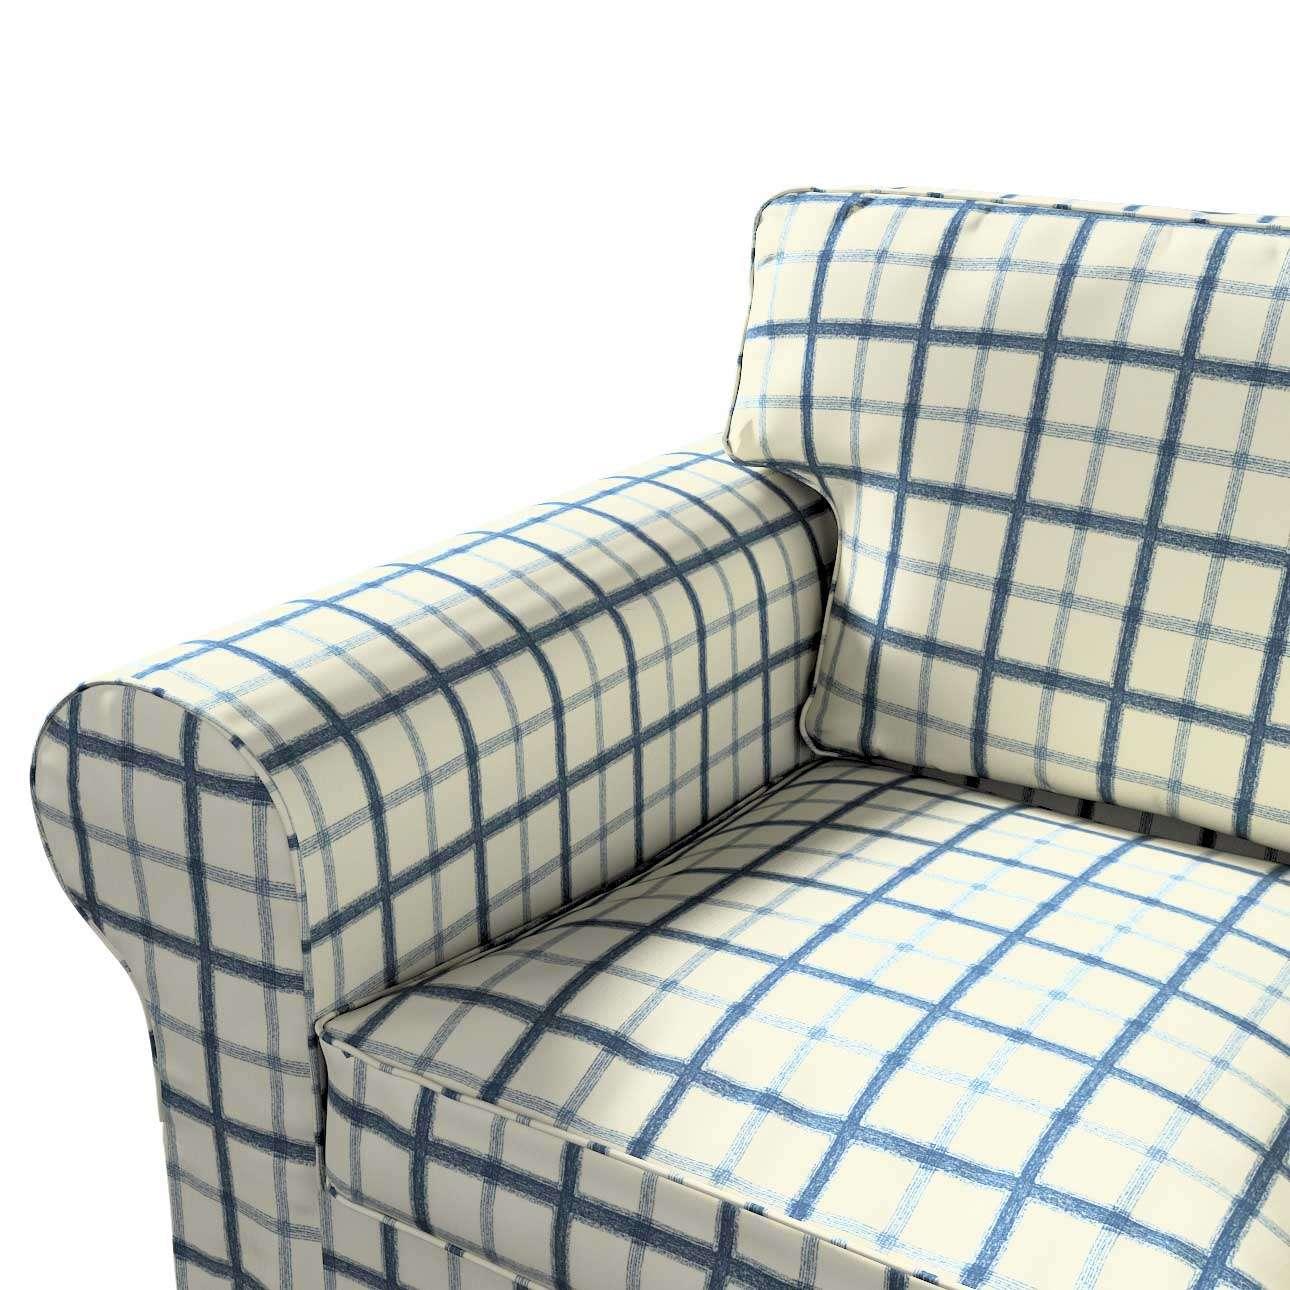 Pokrowiec na sofę Ektorp 2-osobową rozkładaną, model po 2012 w kolekcji Avinon, tkanina: 131-66